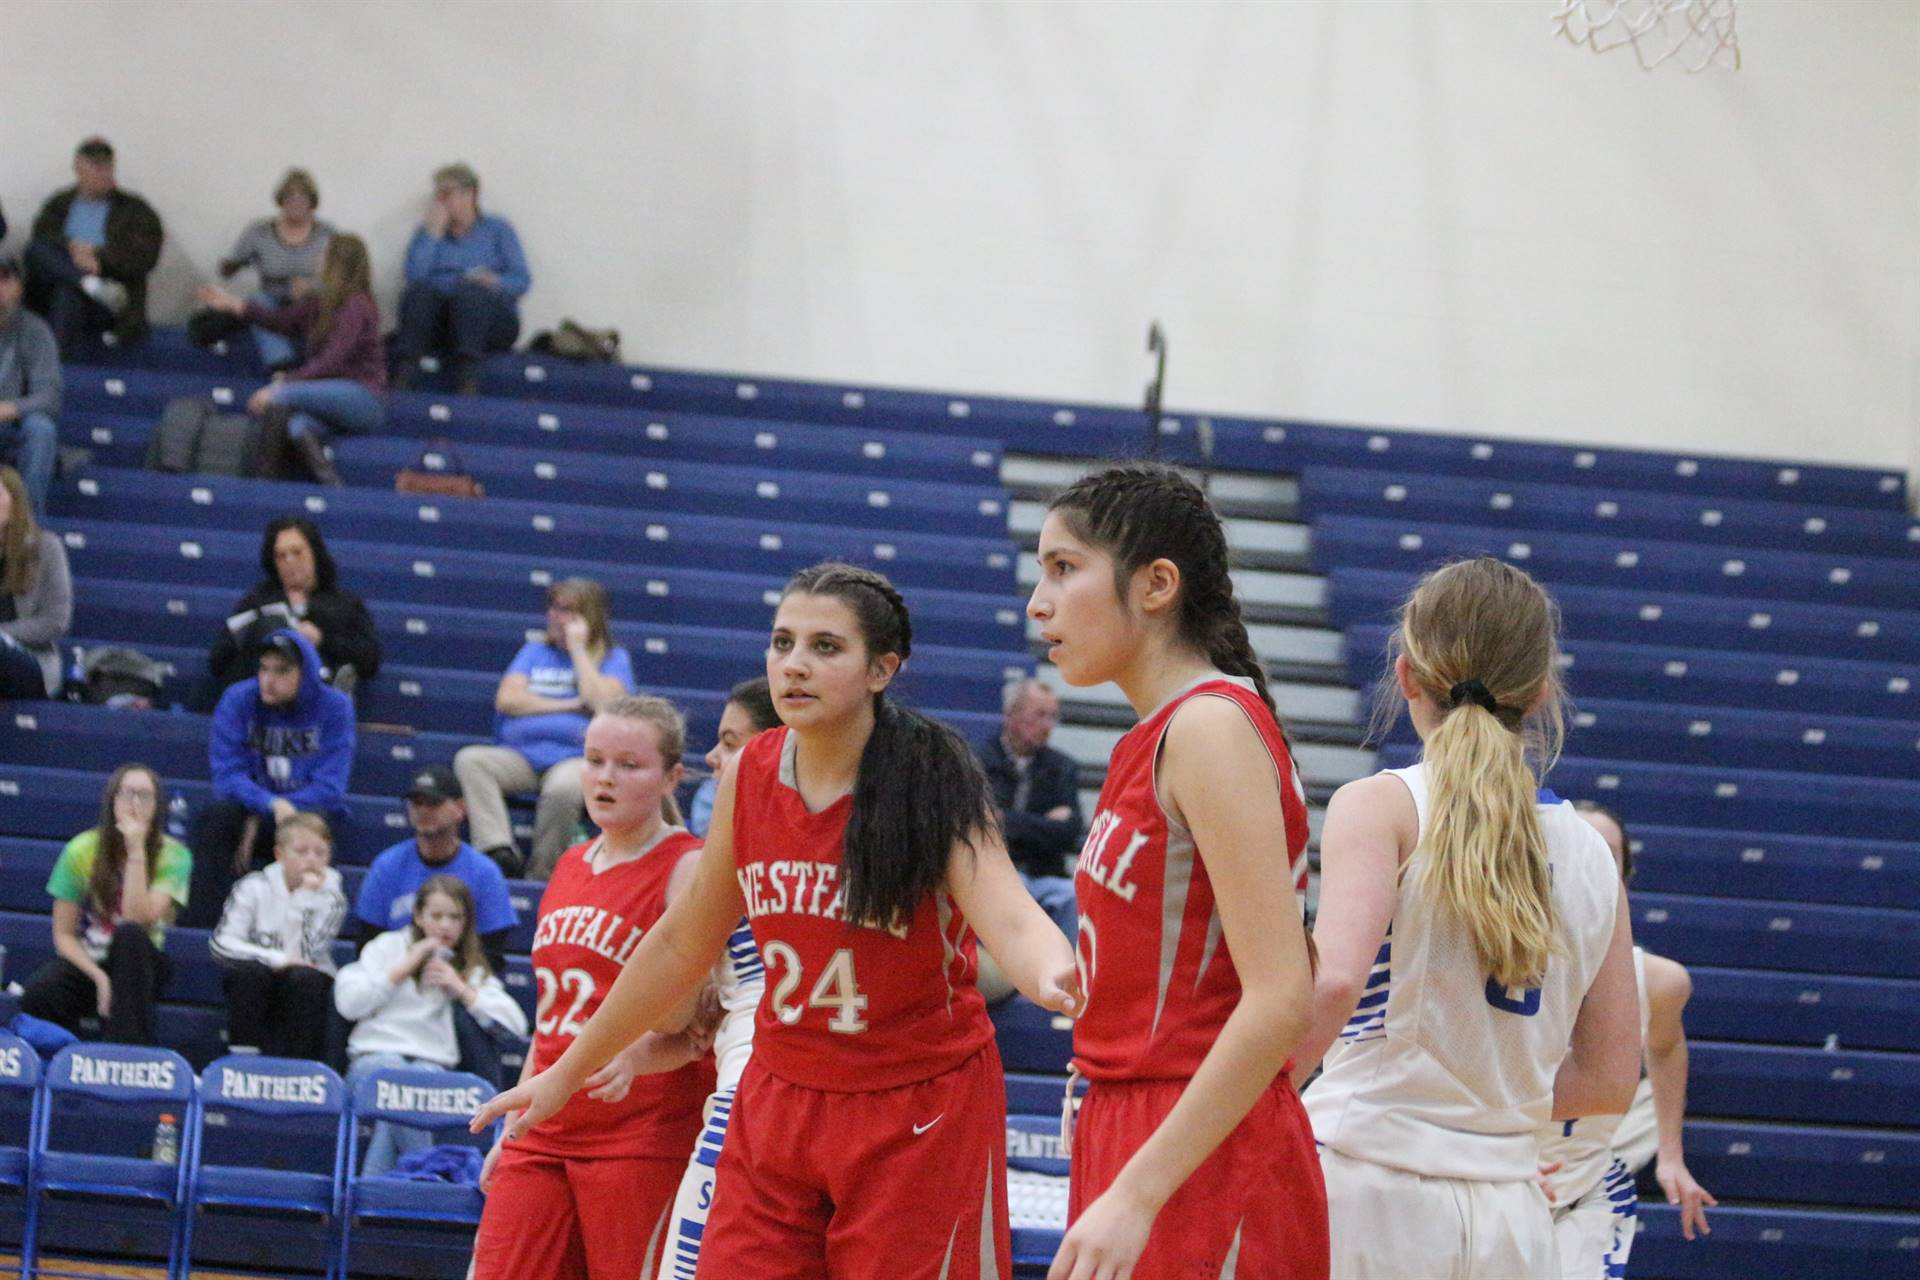 SE Girls Basketball vs WestfallSE Girls Basketball vs Westfall